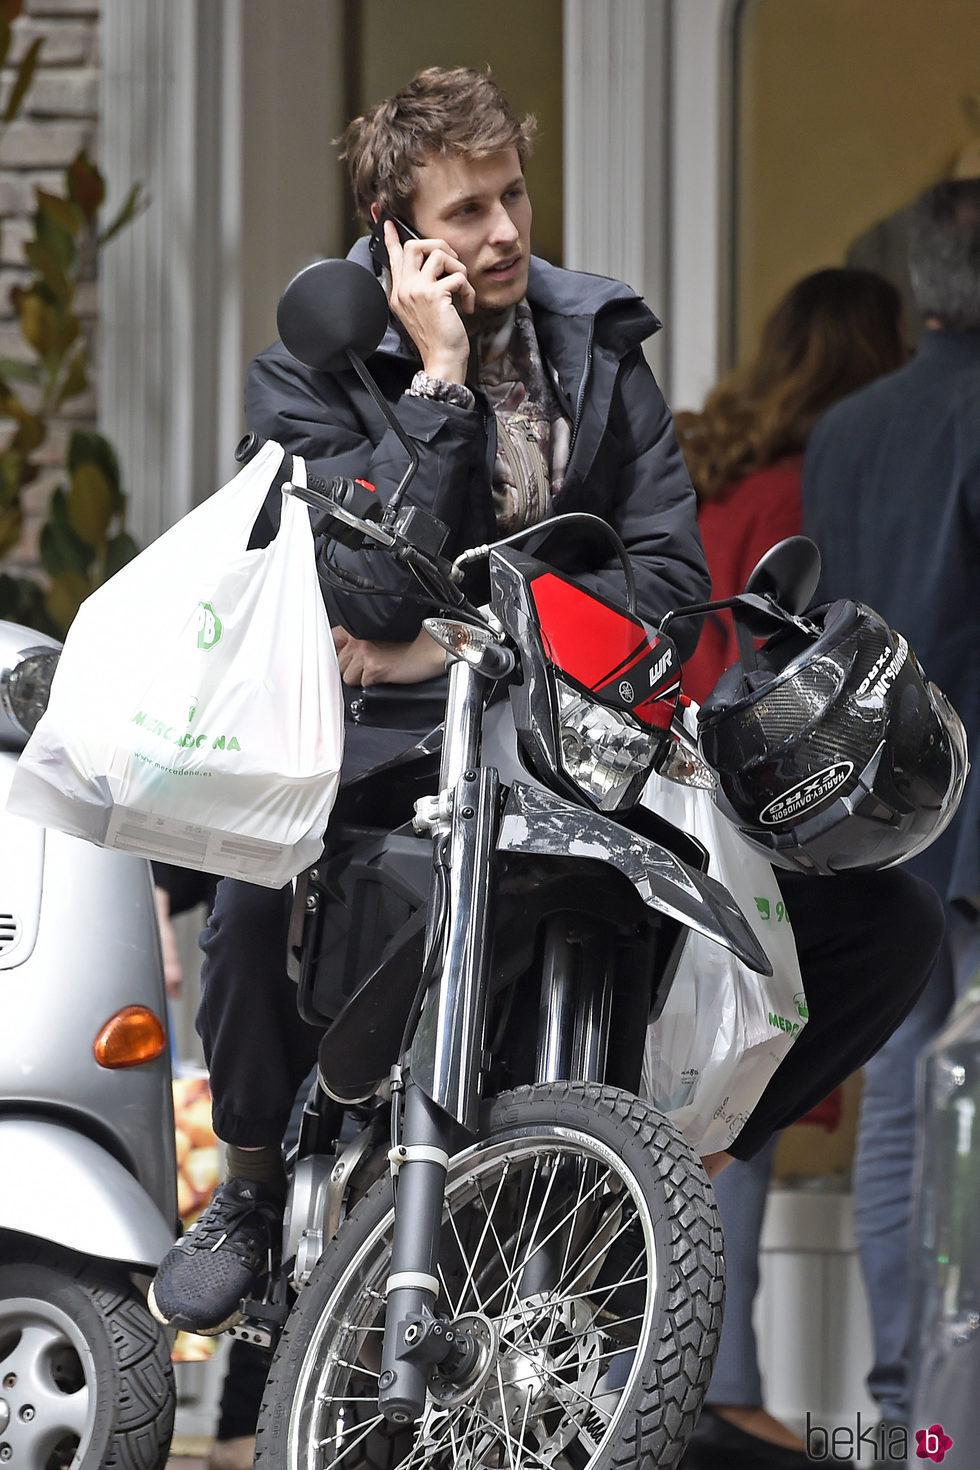 Nicolás Coronado haciendo recados por Madrid en moto